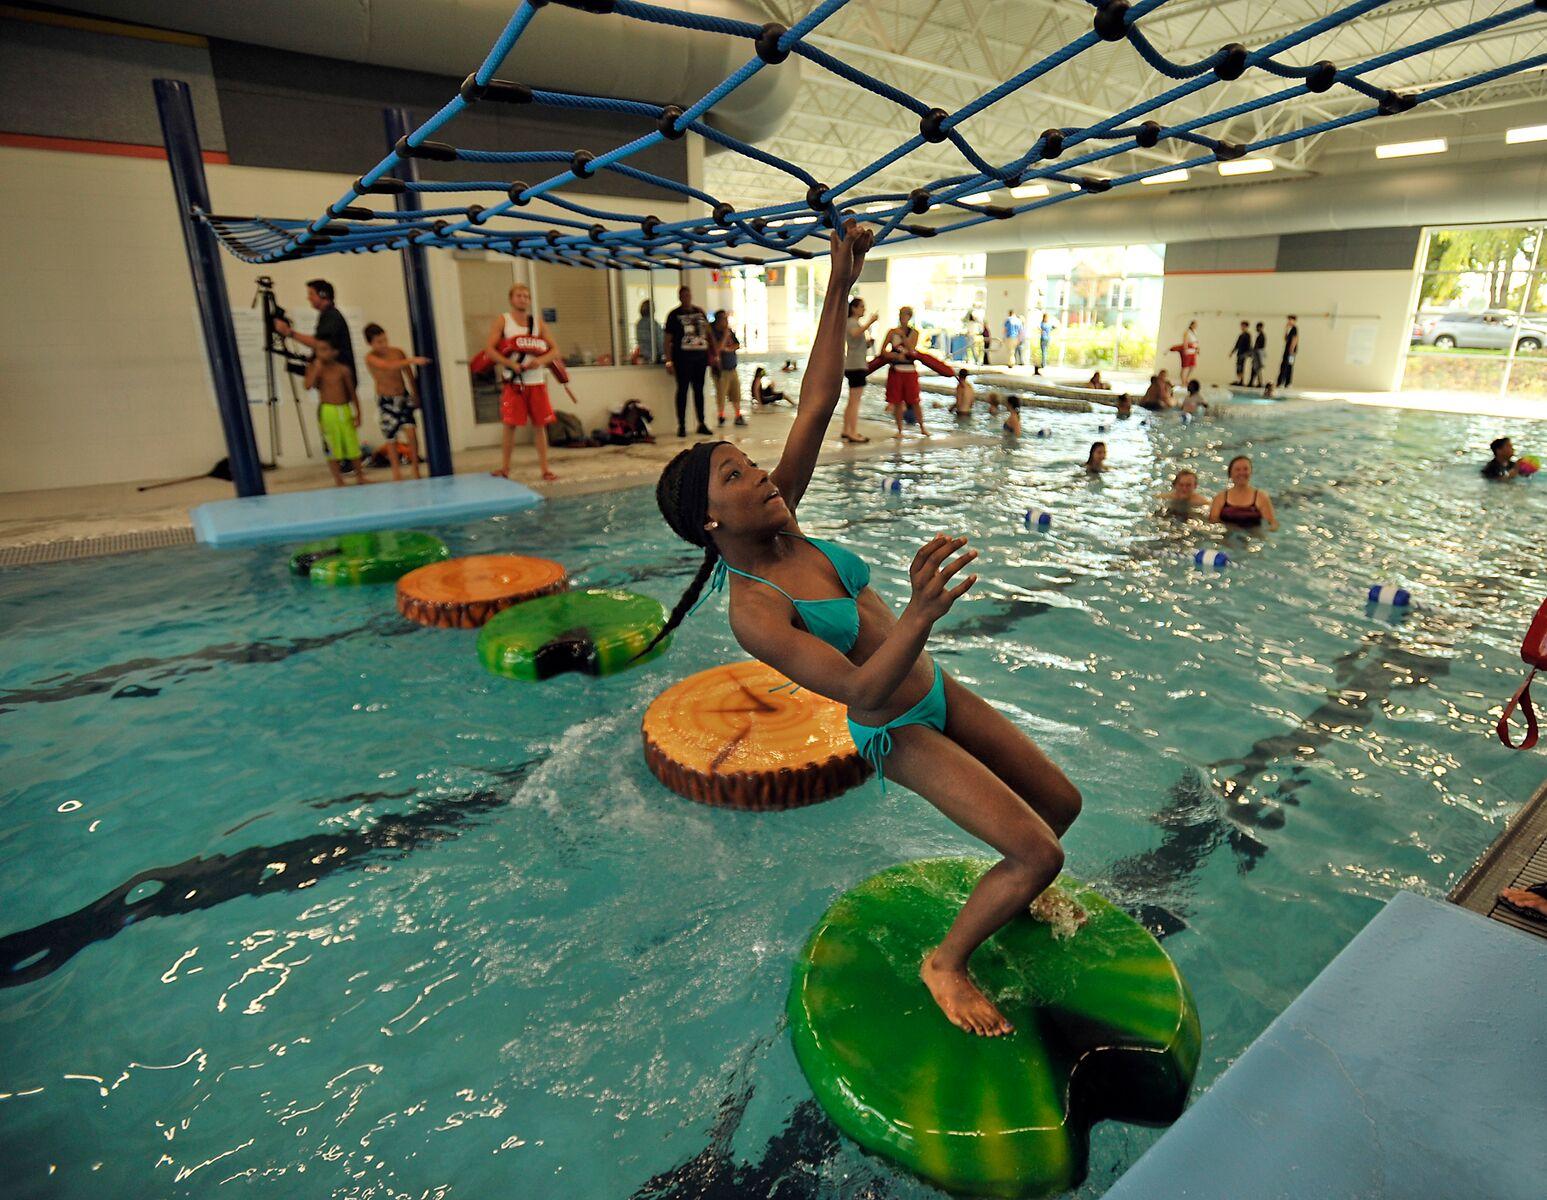 Fullsize Of Swimming Pool Slides